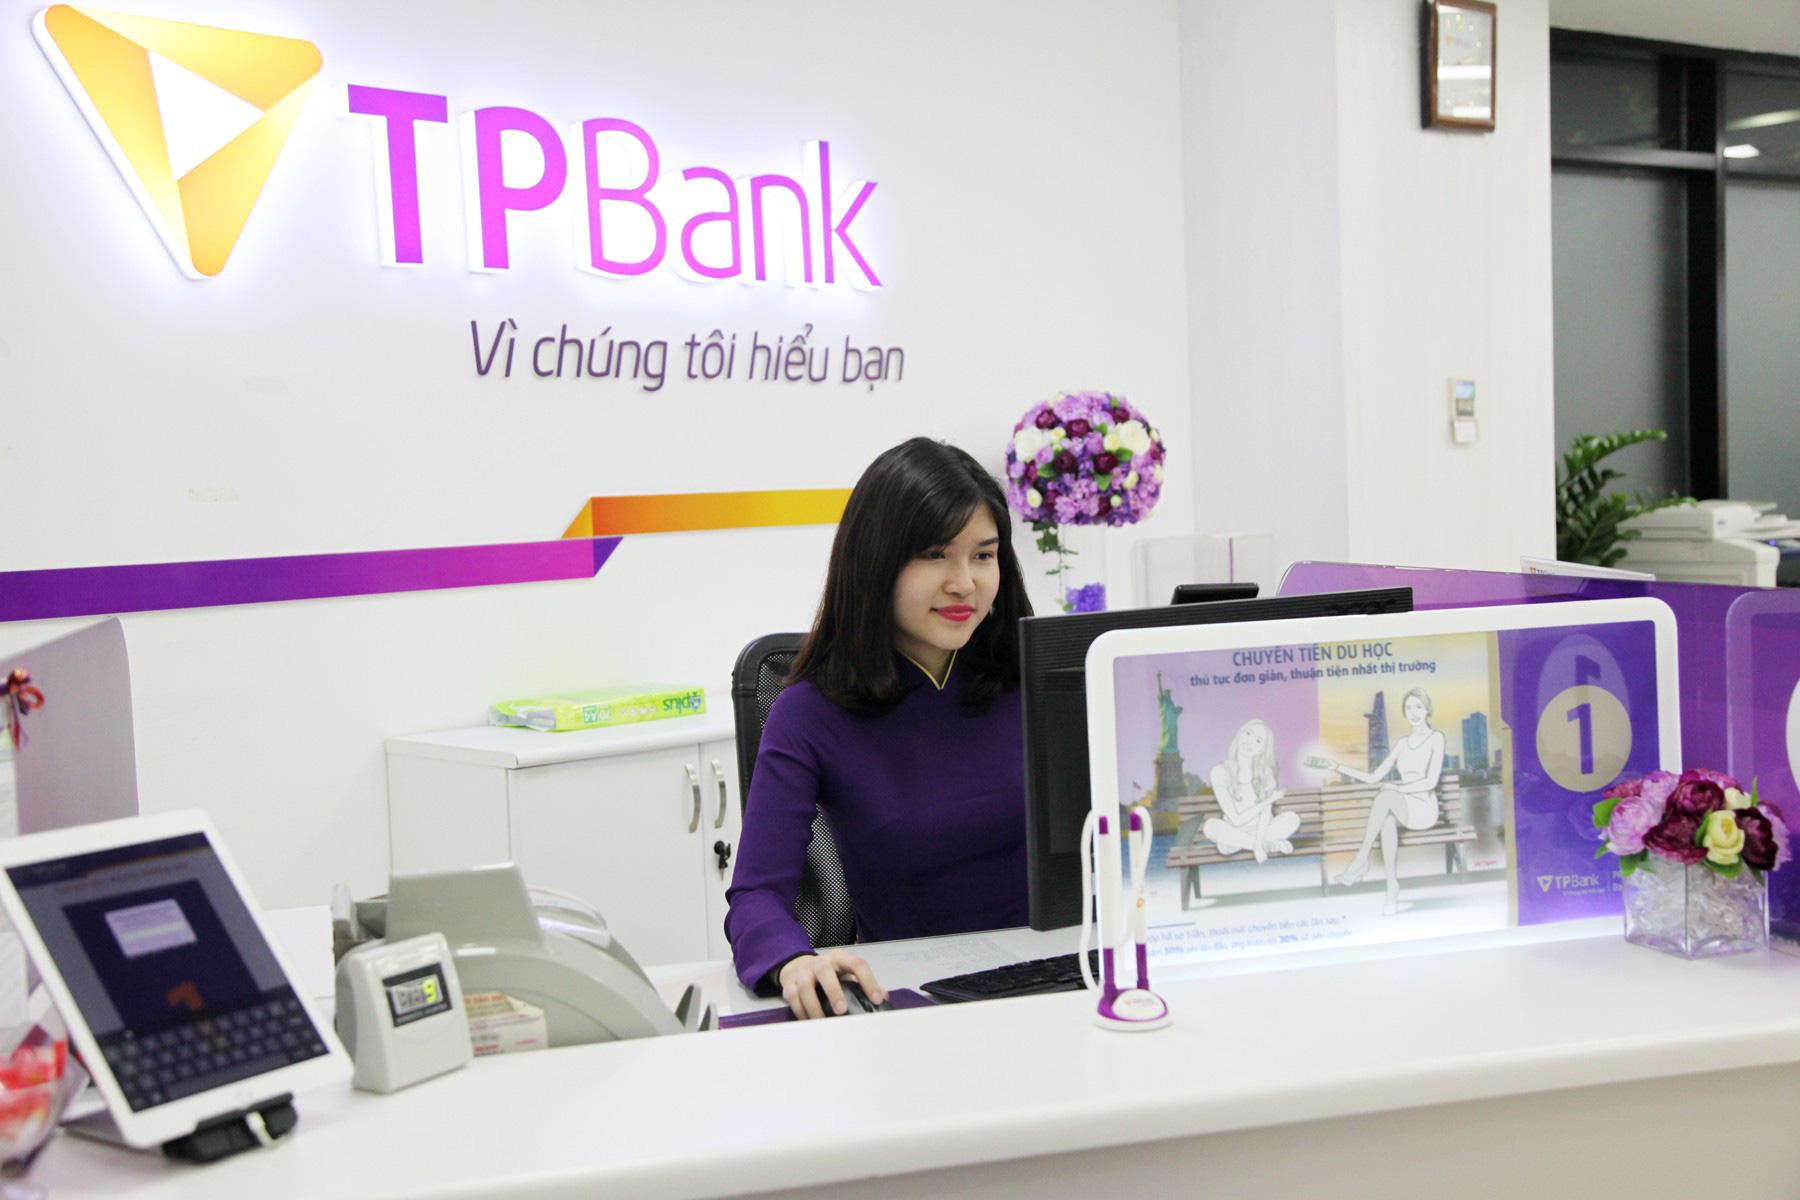 TPBank năm 2019: Tín dụng tăng gần 24%, thu nhập nhân viên vượt 28 triệu đồng/tháng - Ảnh 1.